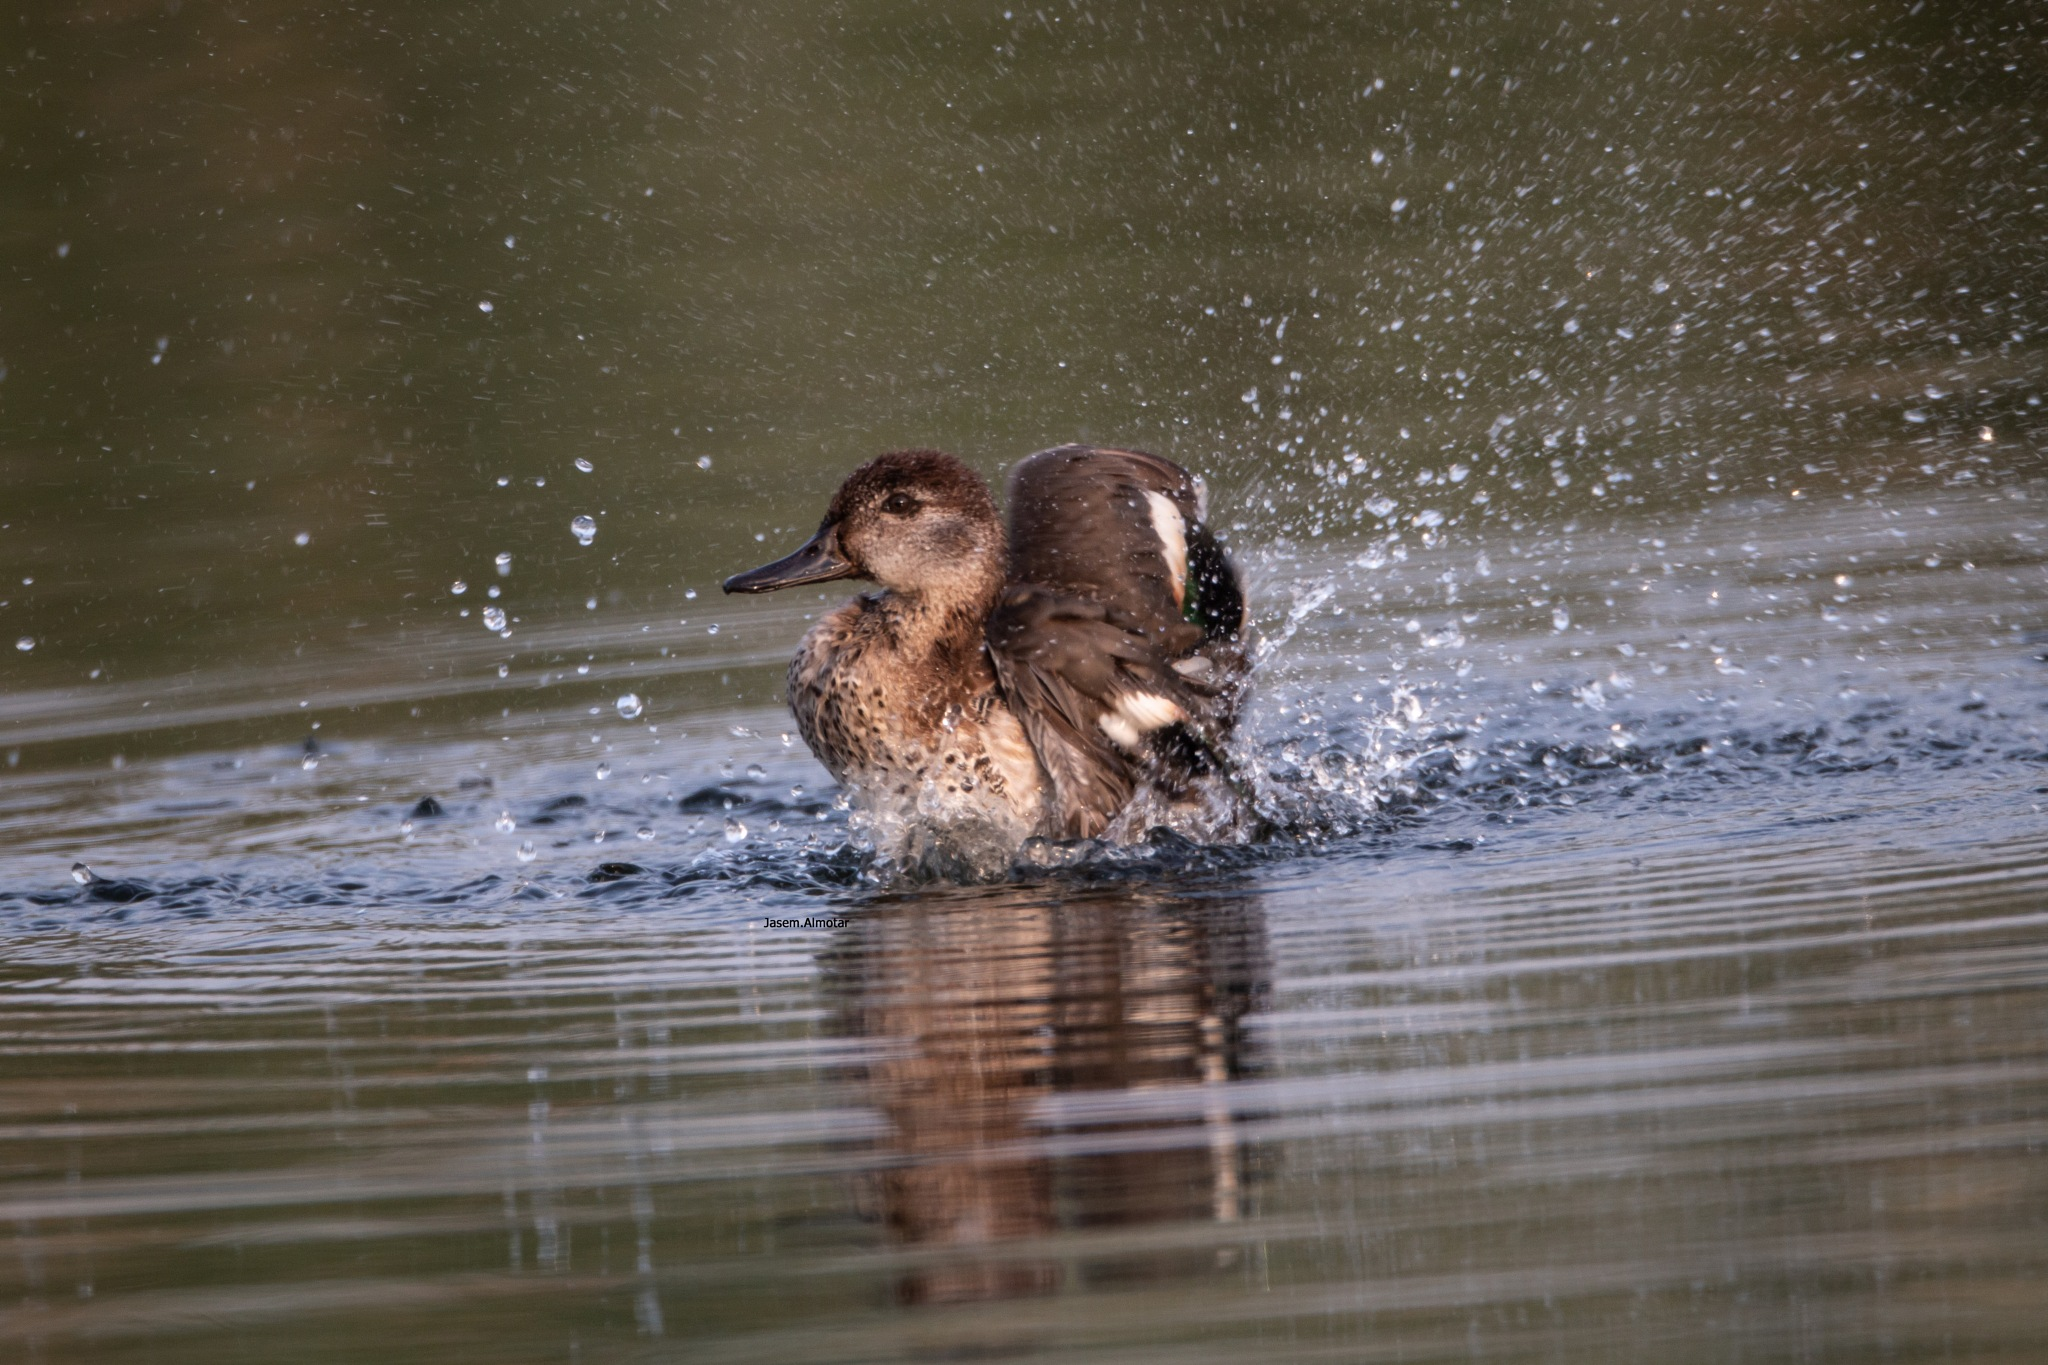 malard duck by jasem33